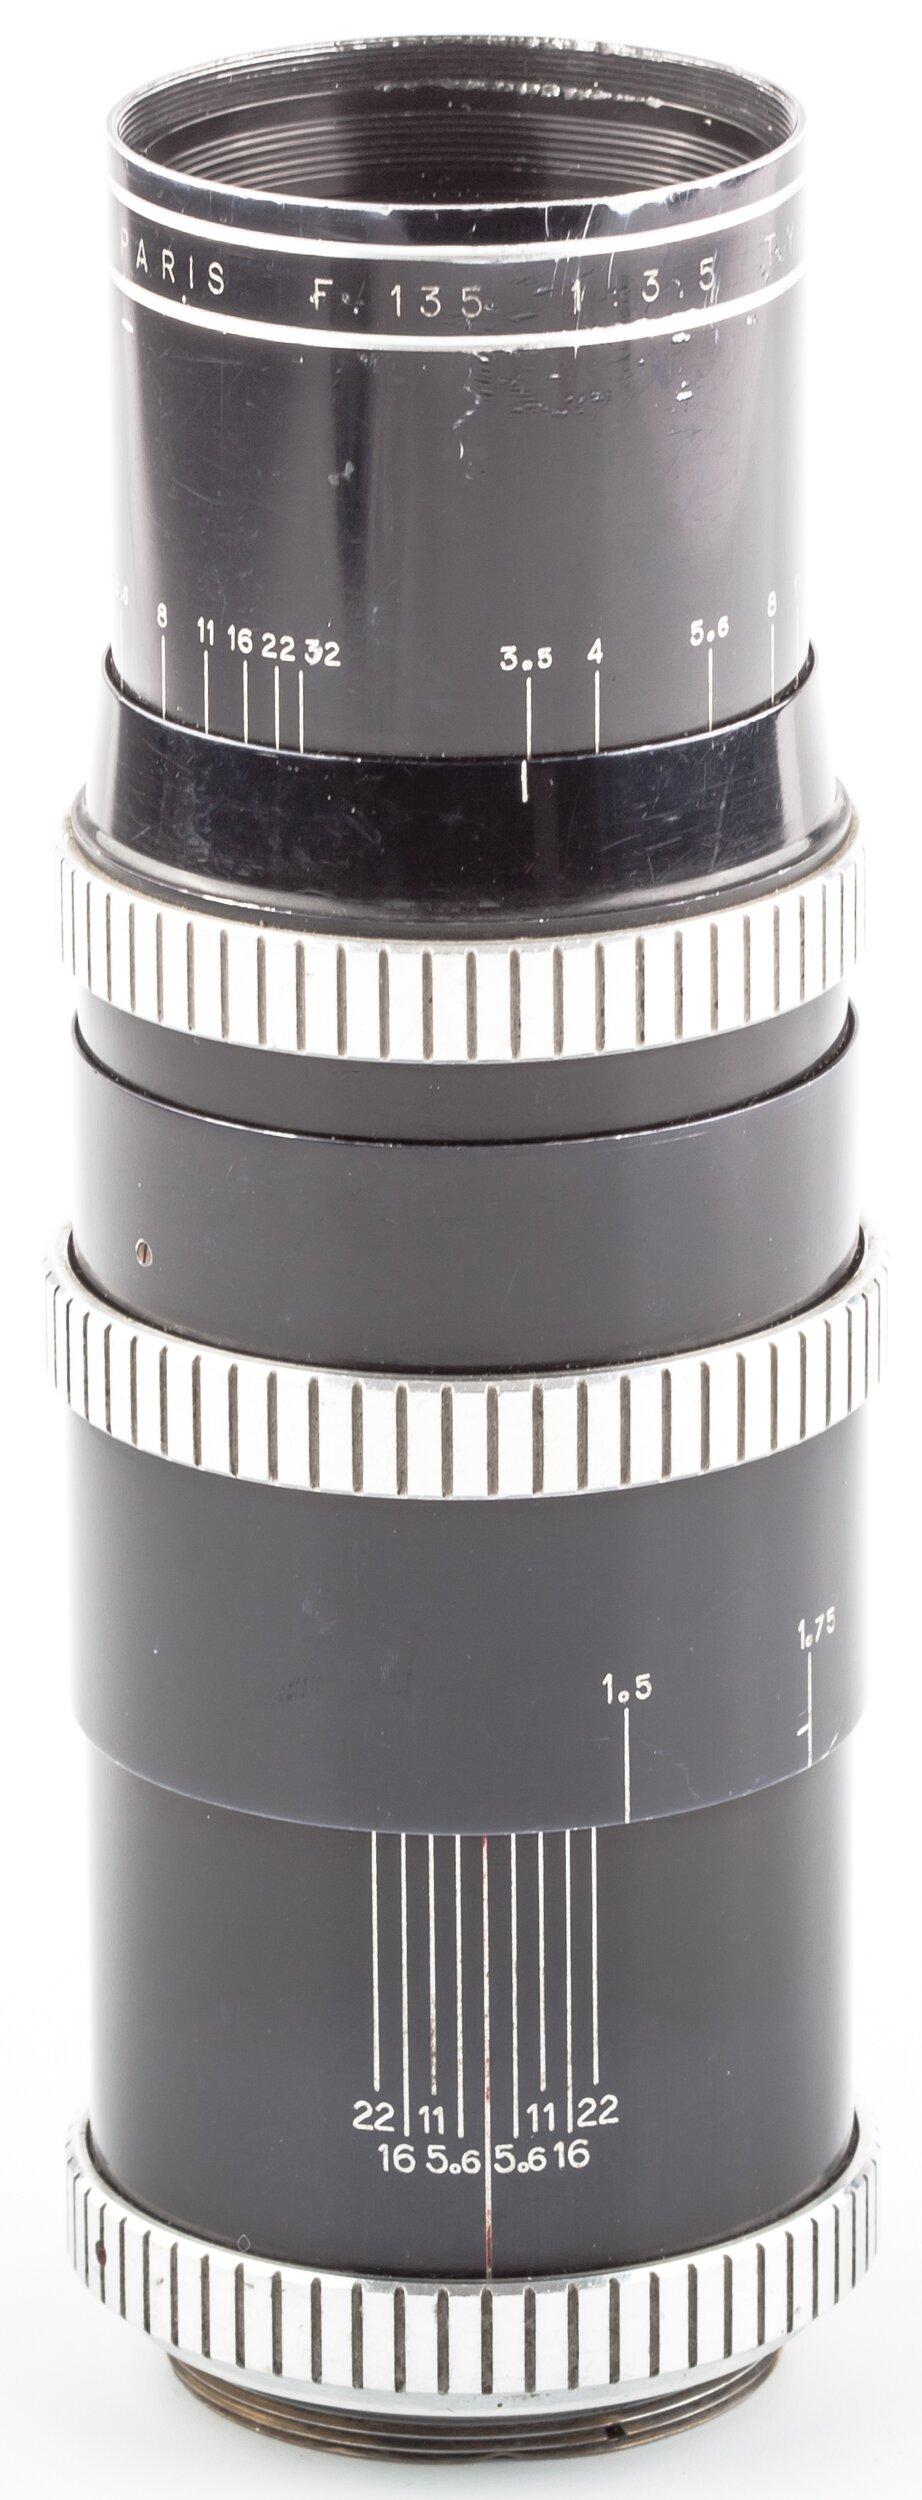 Angenieux 135mm F3.5 Y2 M42